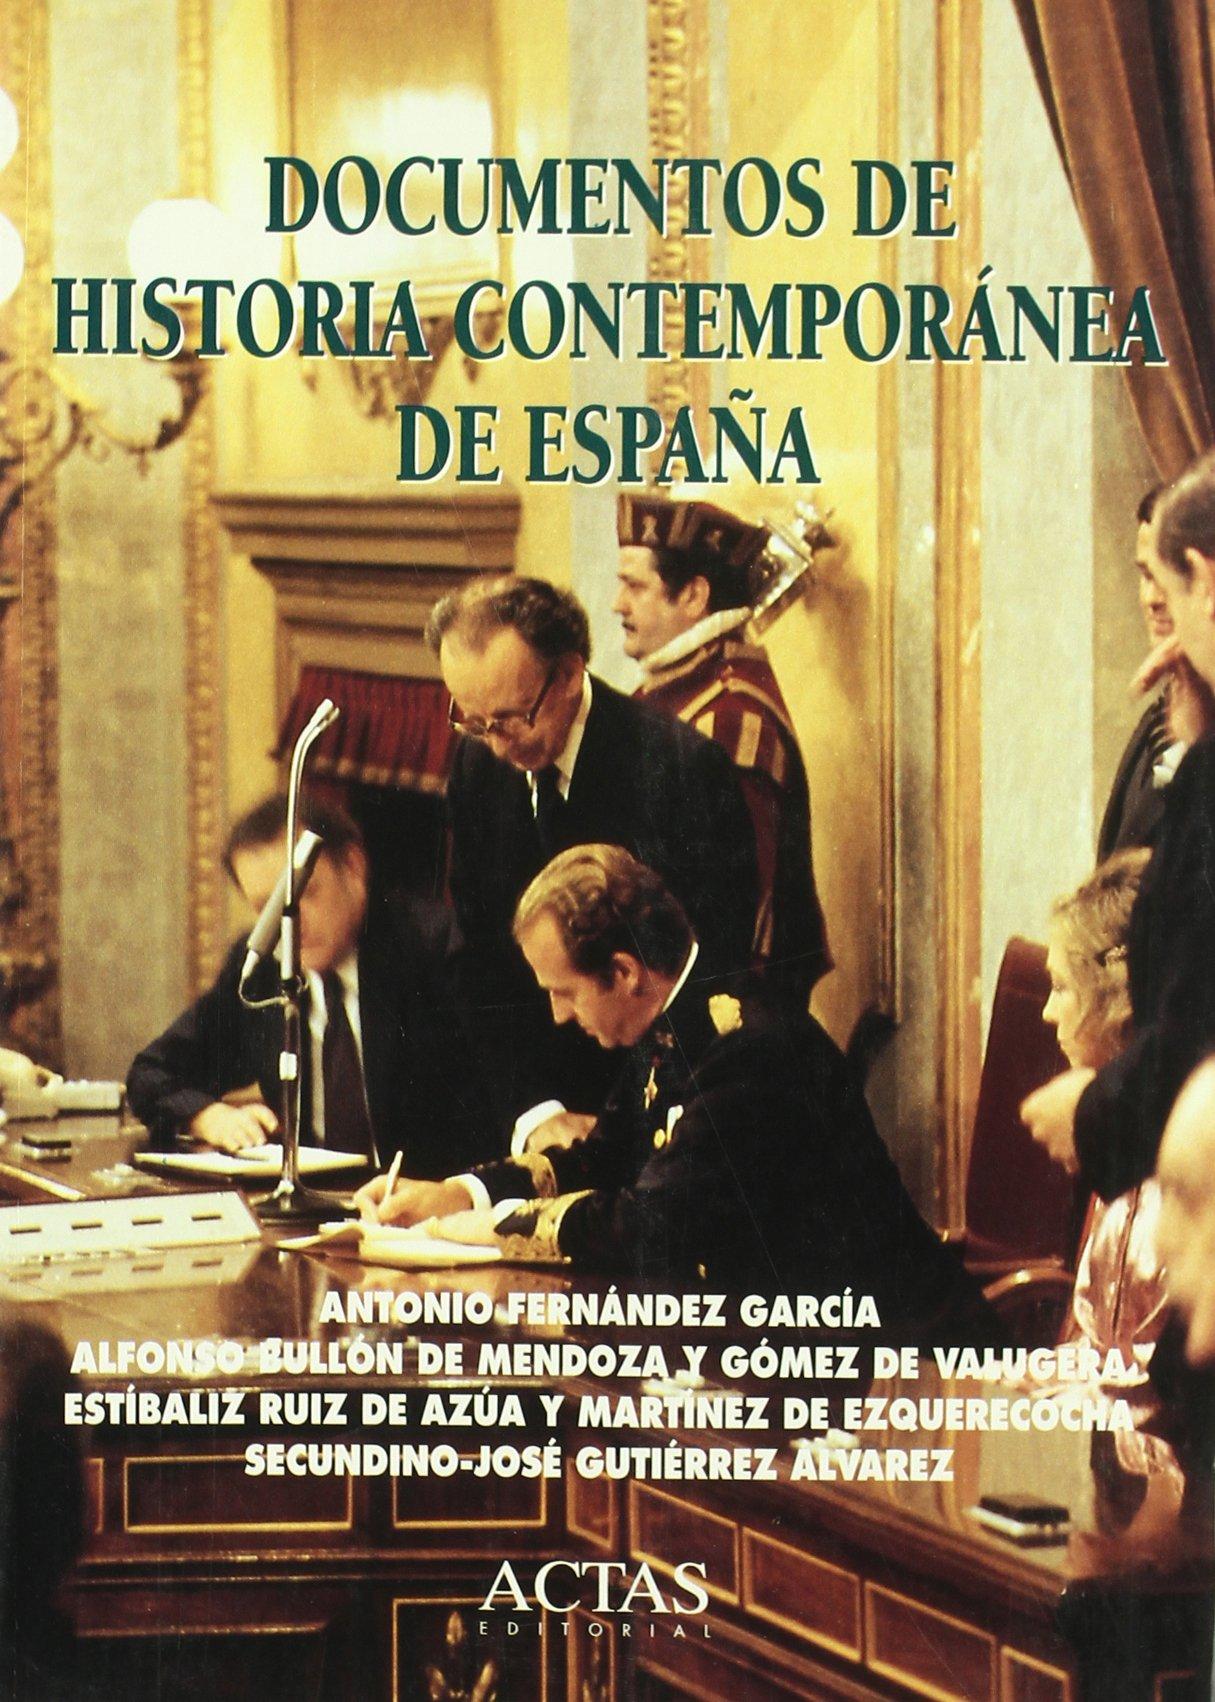 DOCUMENTOS DE HISTORIA CONTEMPORANEA DE ESPAÑA Marcial Pons: Amazon.es: Fernández García, Antonio: Libros